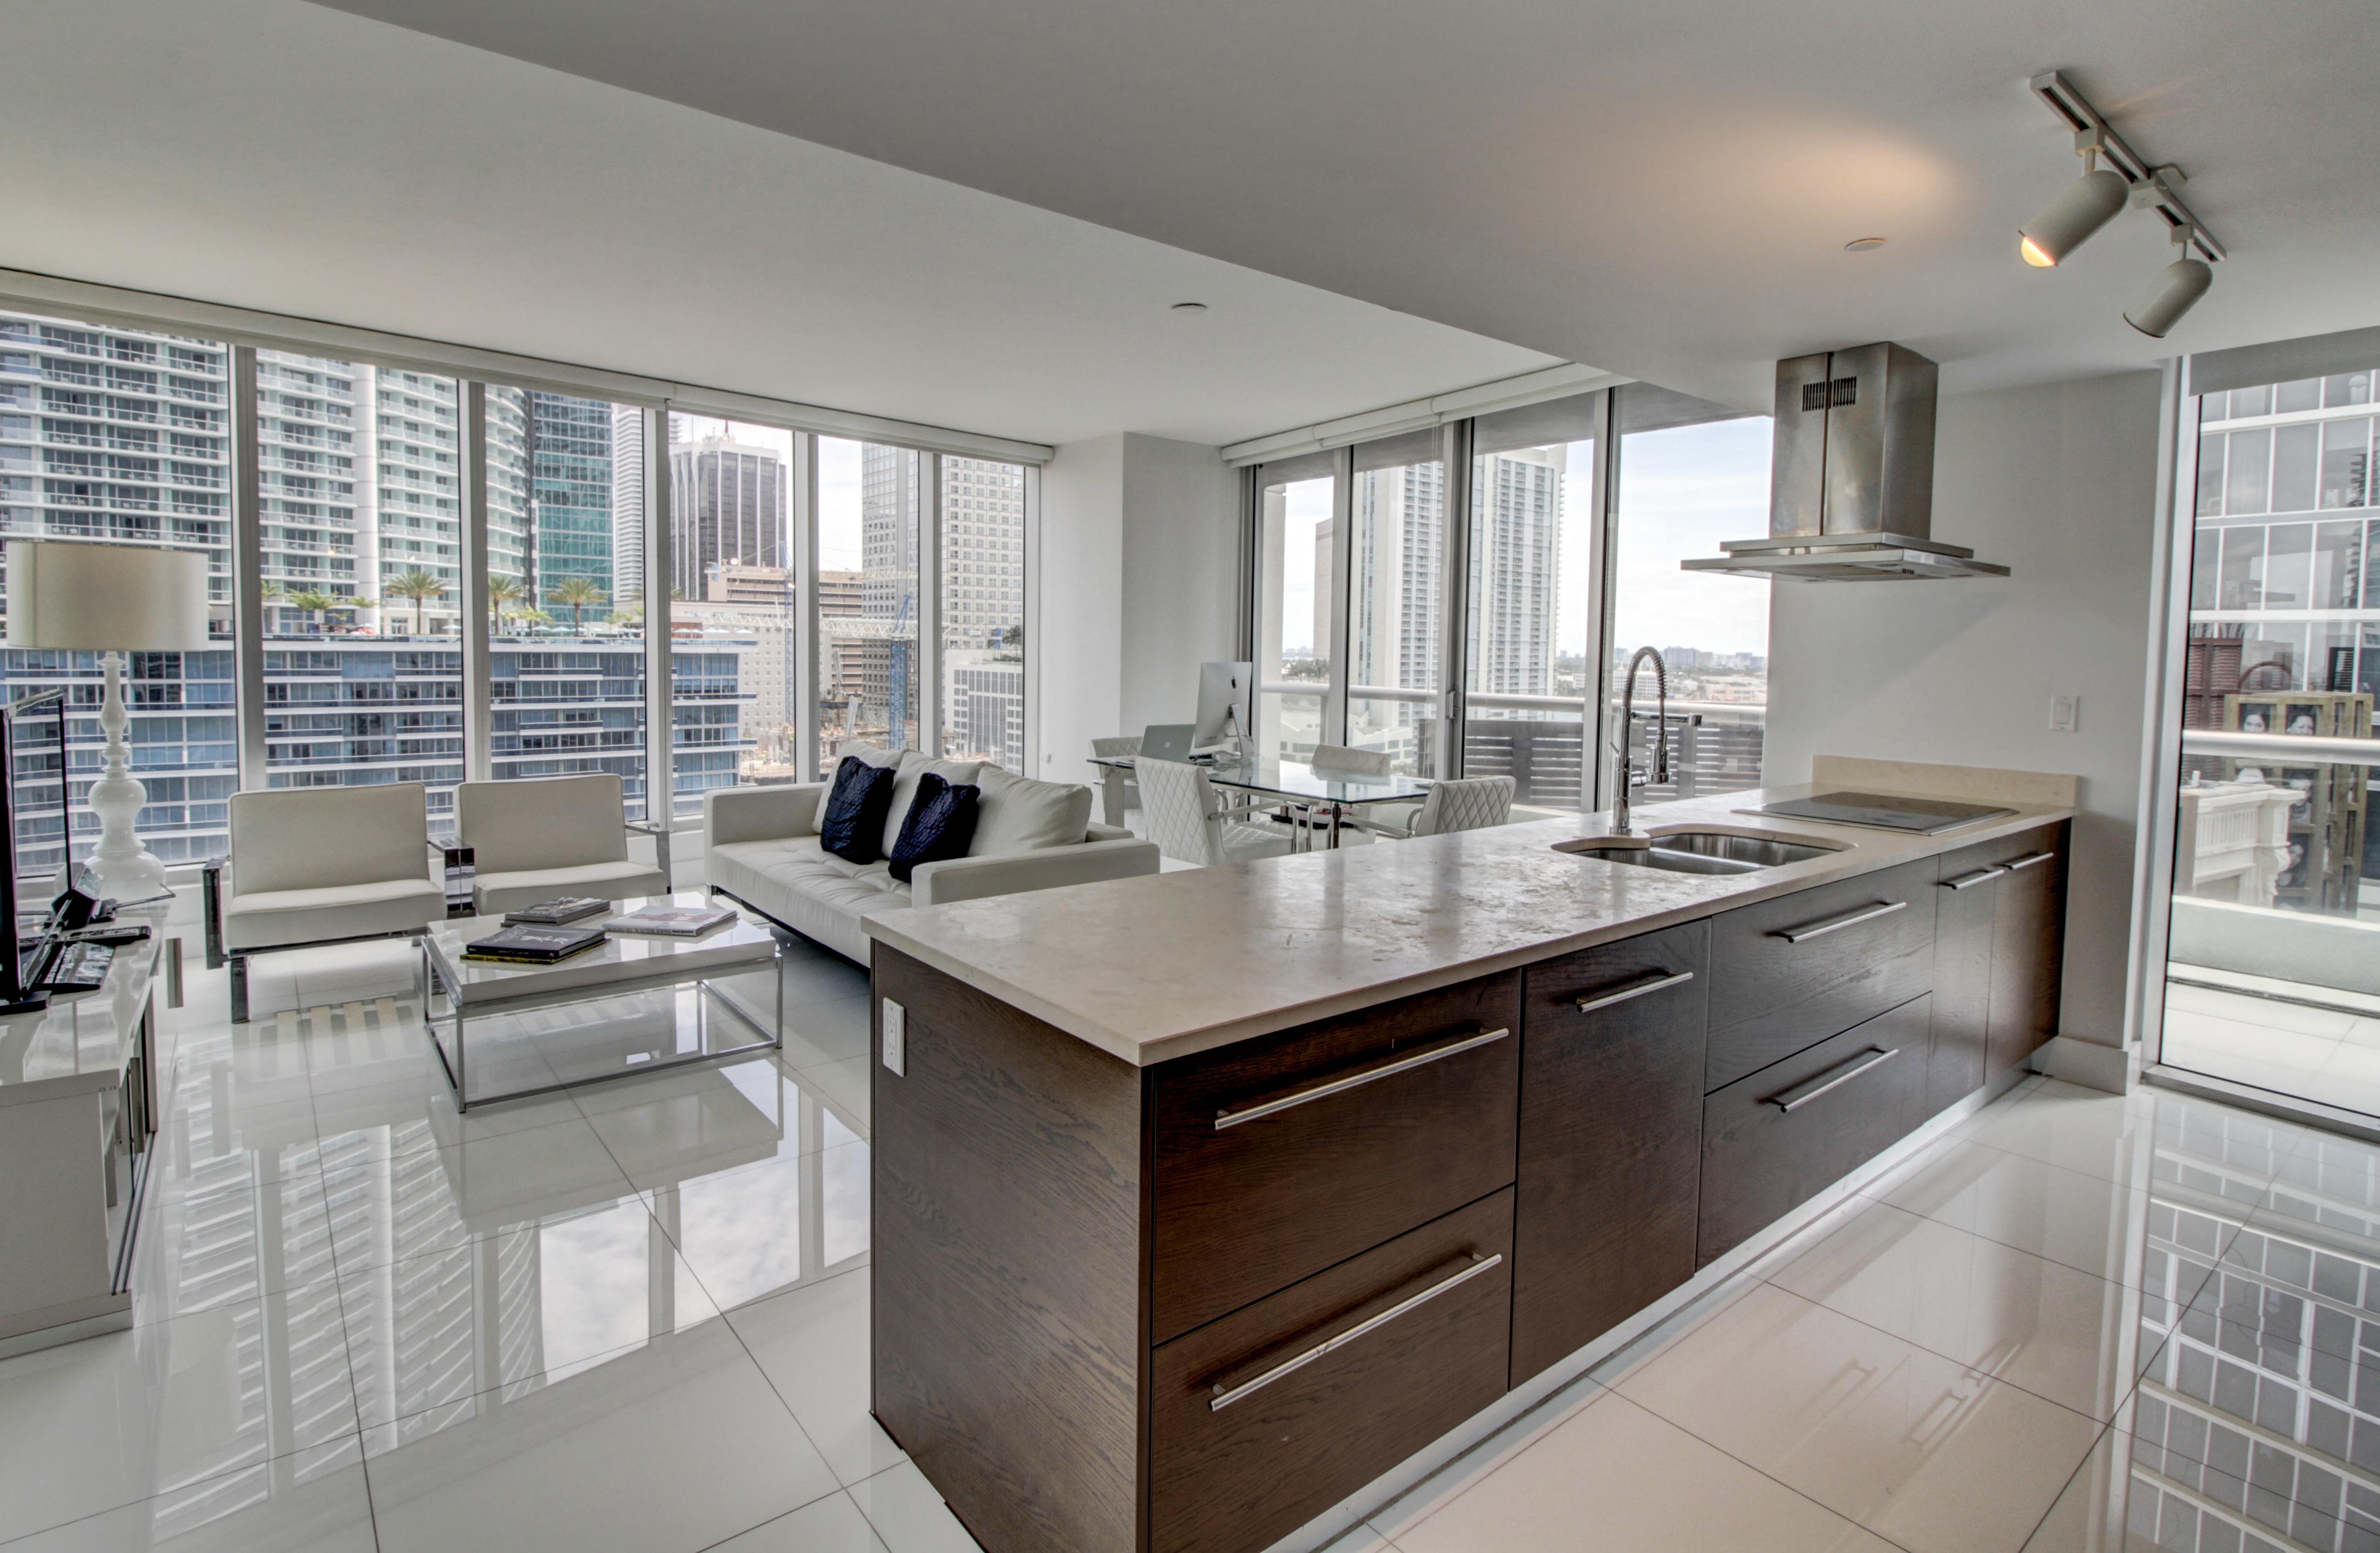 Condominium for Sale at 485 Brickell Av #1602 485 Brickell Av 1602 Miami, Florida, 33131 United States